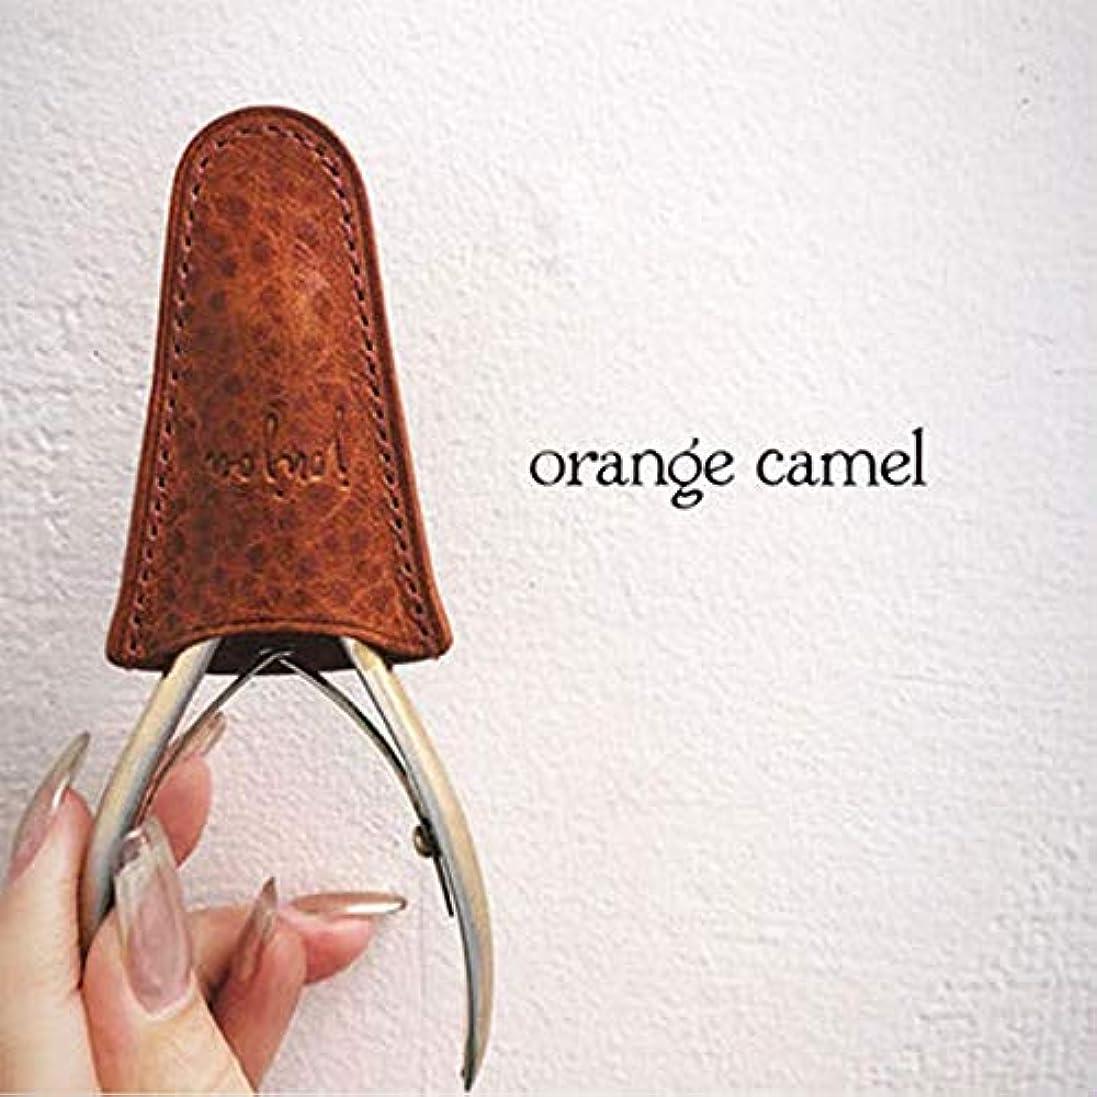 取り消す八百屋結論◆jou jou ジュジュ Etui d'origine Nipper (レザーニッパーケース) オレンジキャメル